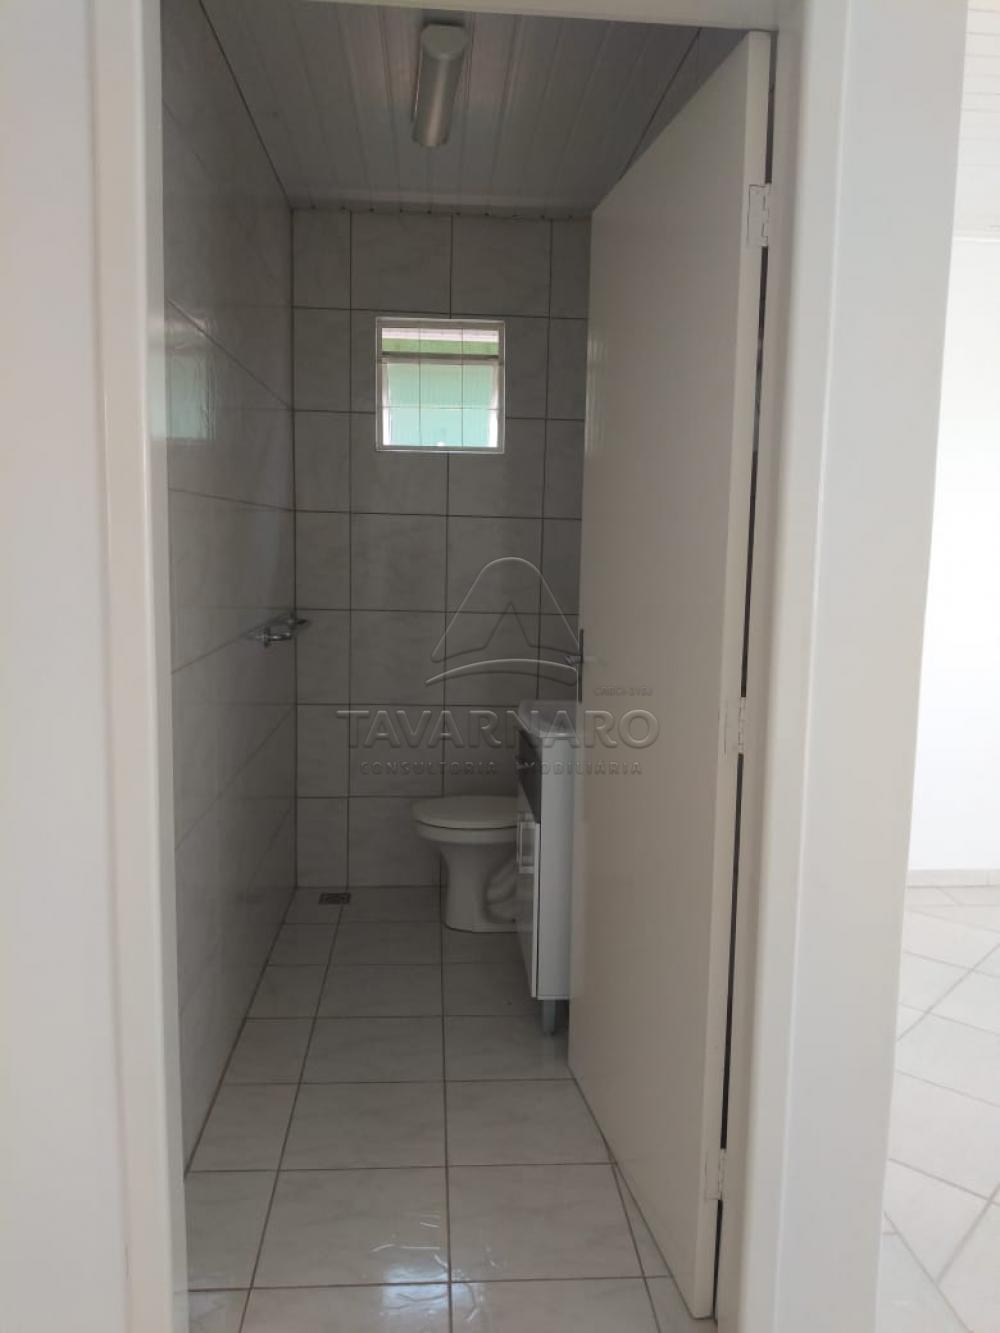 Alugar Casa / Comercial em Carambeí apenas R$ 1.700,00 - Foto 11